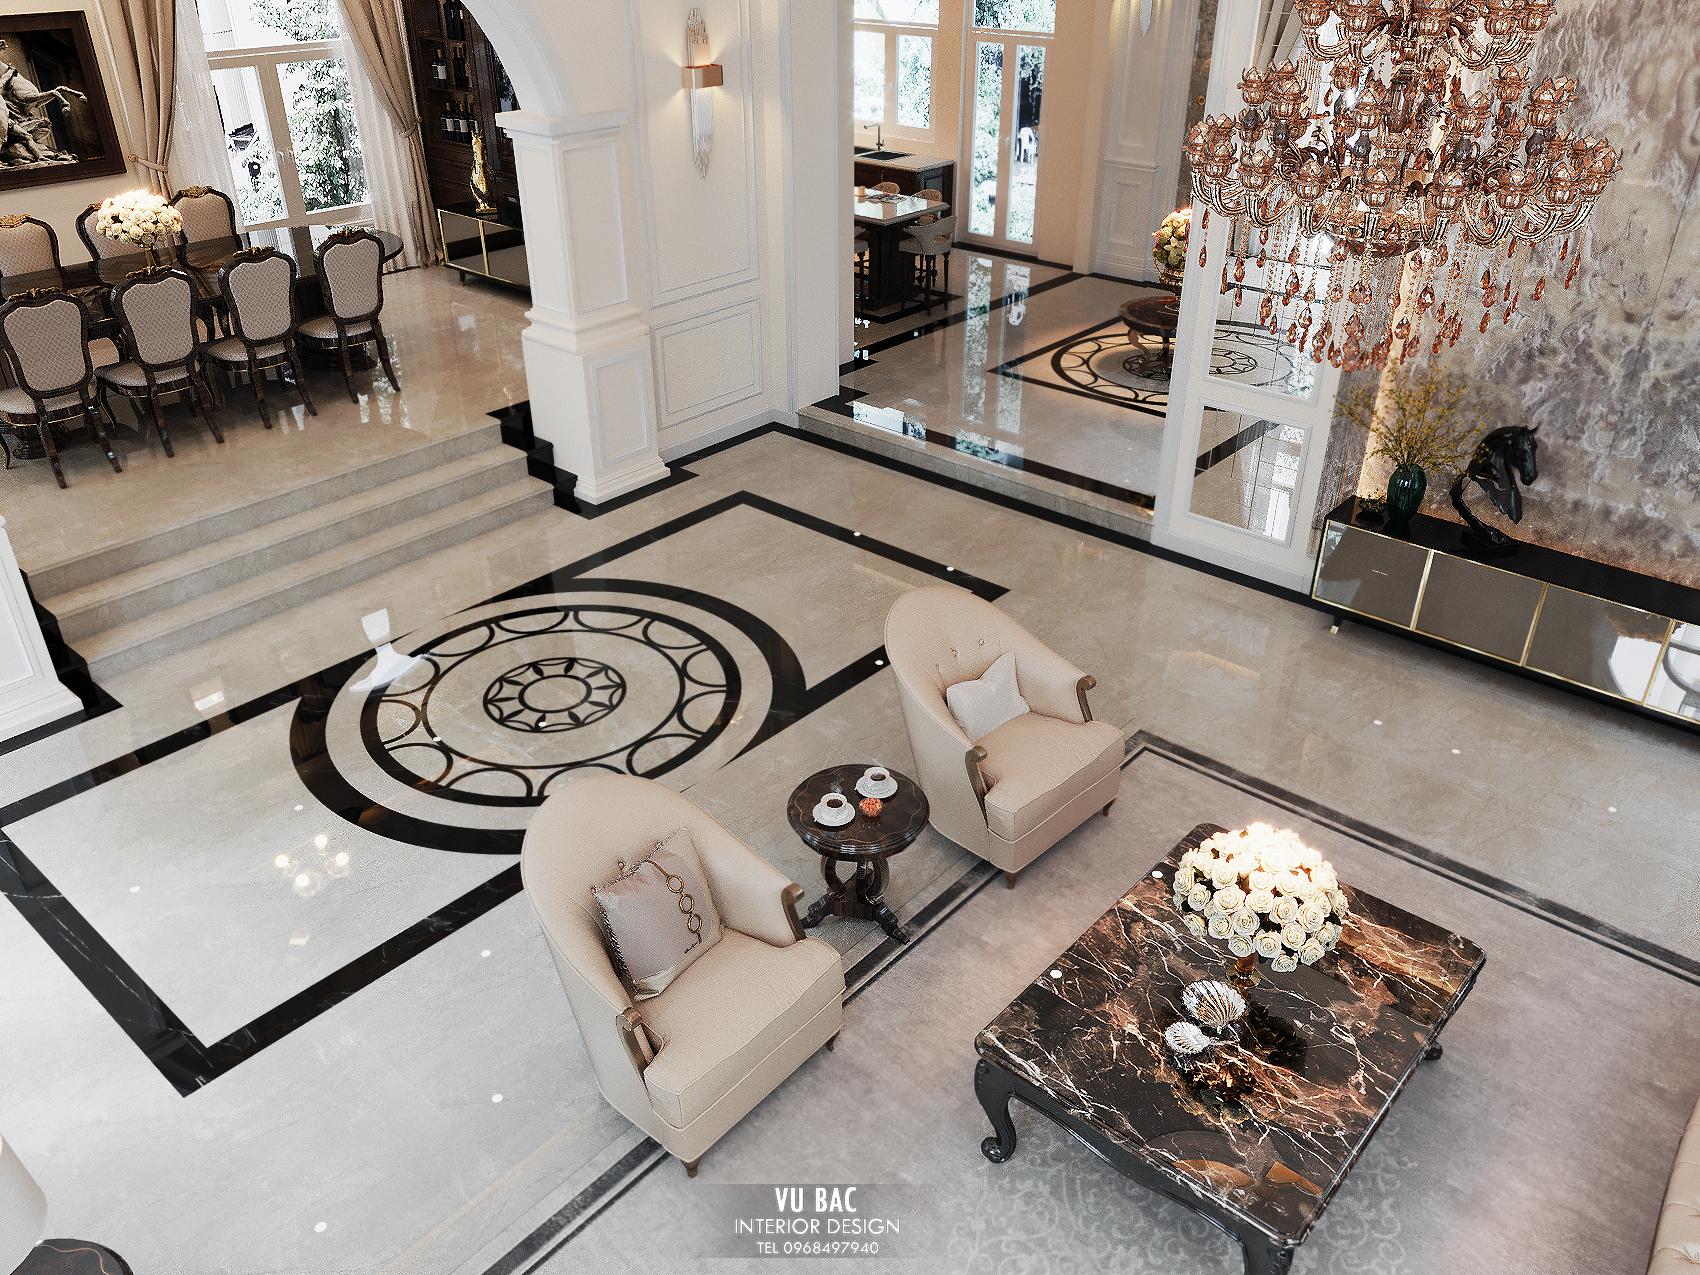 thiết kế nội thất Biệt Thự tại Hồ Chí Minh Villa Ven Sông Q7, Hồ Chí Minh 6 1548942977